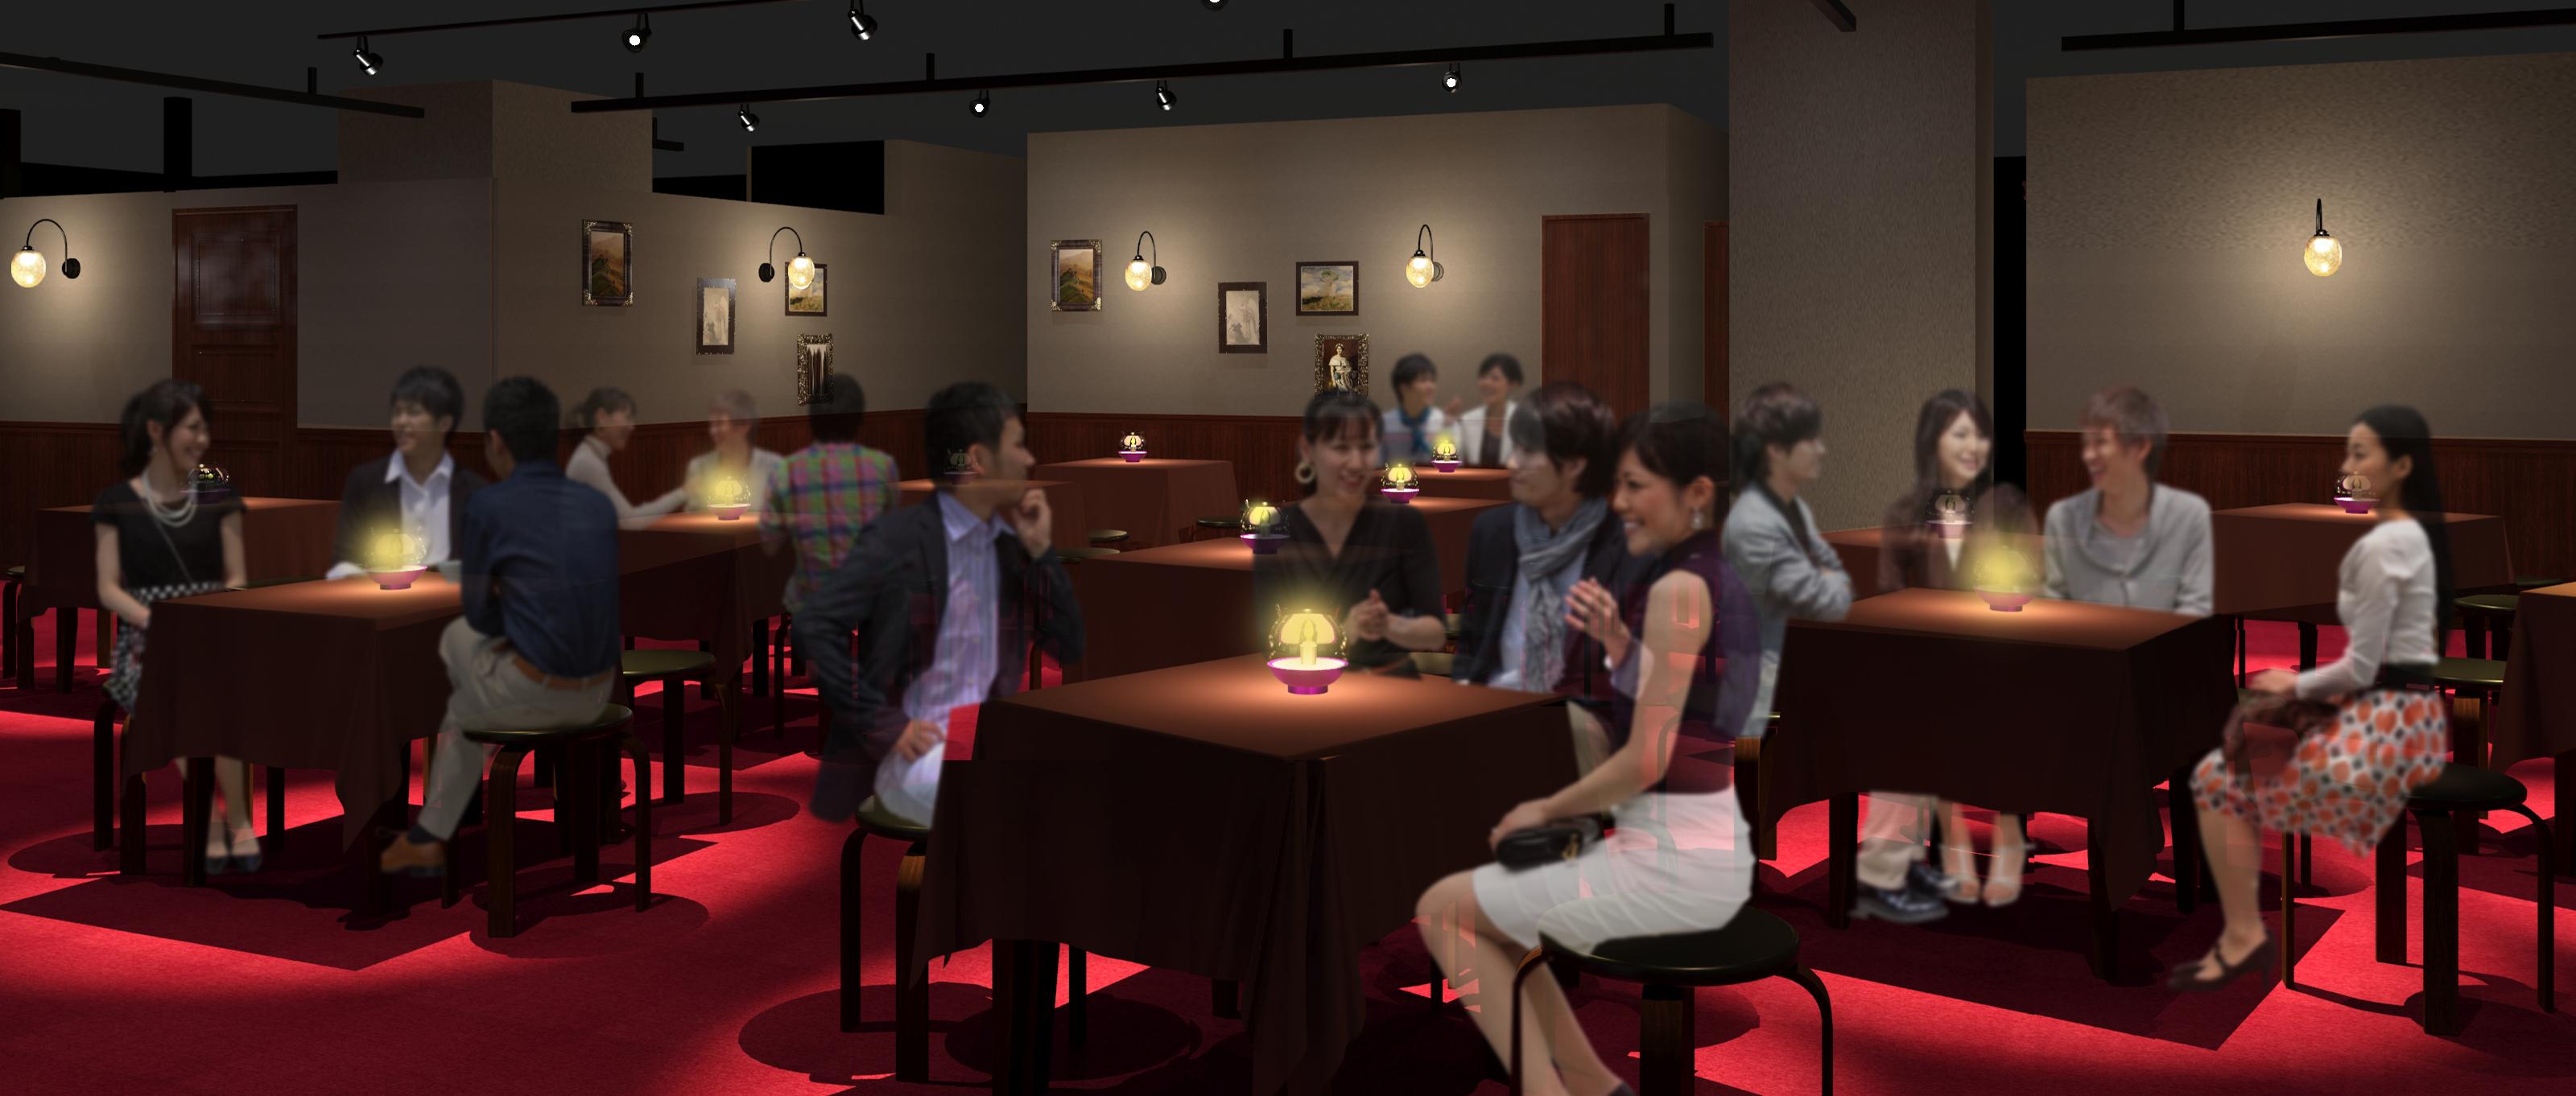 地下1階 ヒミツキチラボ(大ホール) リアル脱出ゲーム「沈みゆく豪華客船からの脱出」